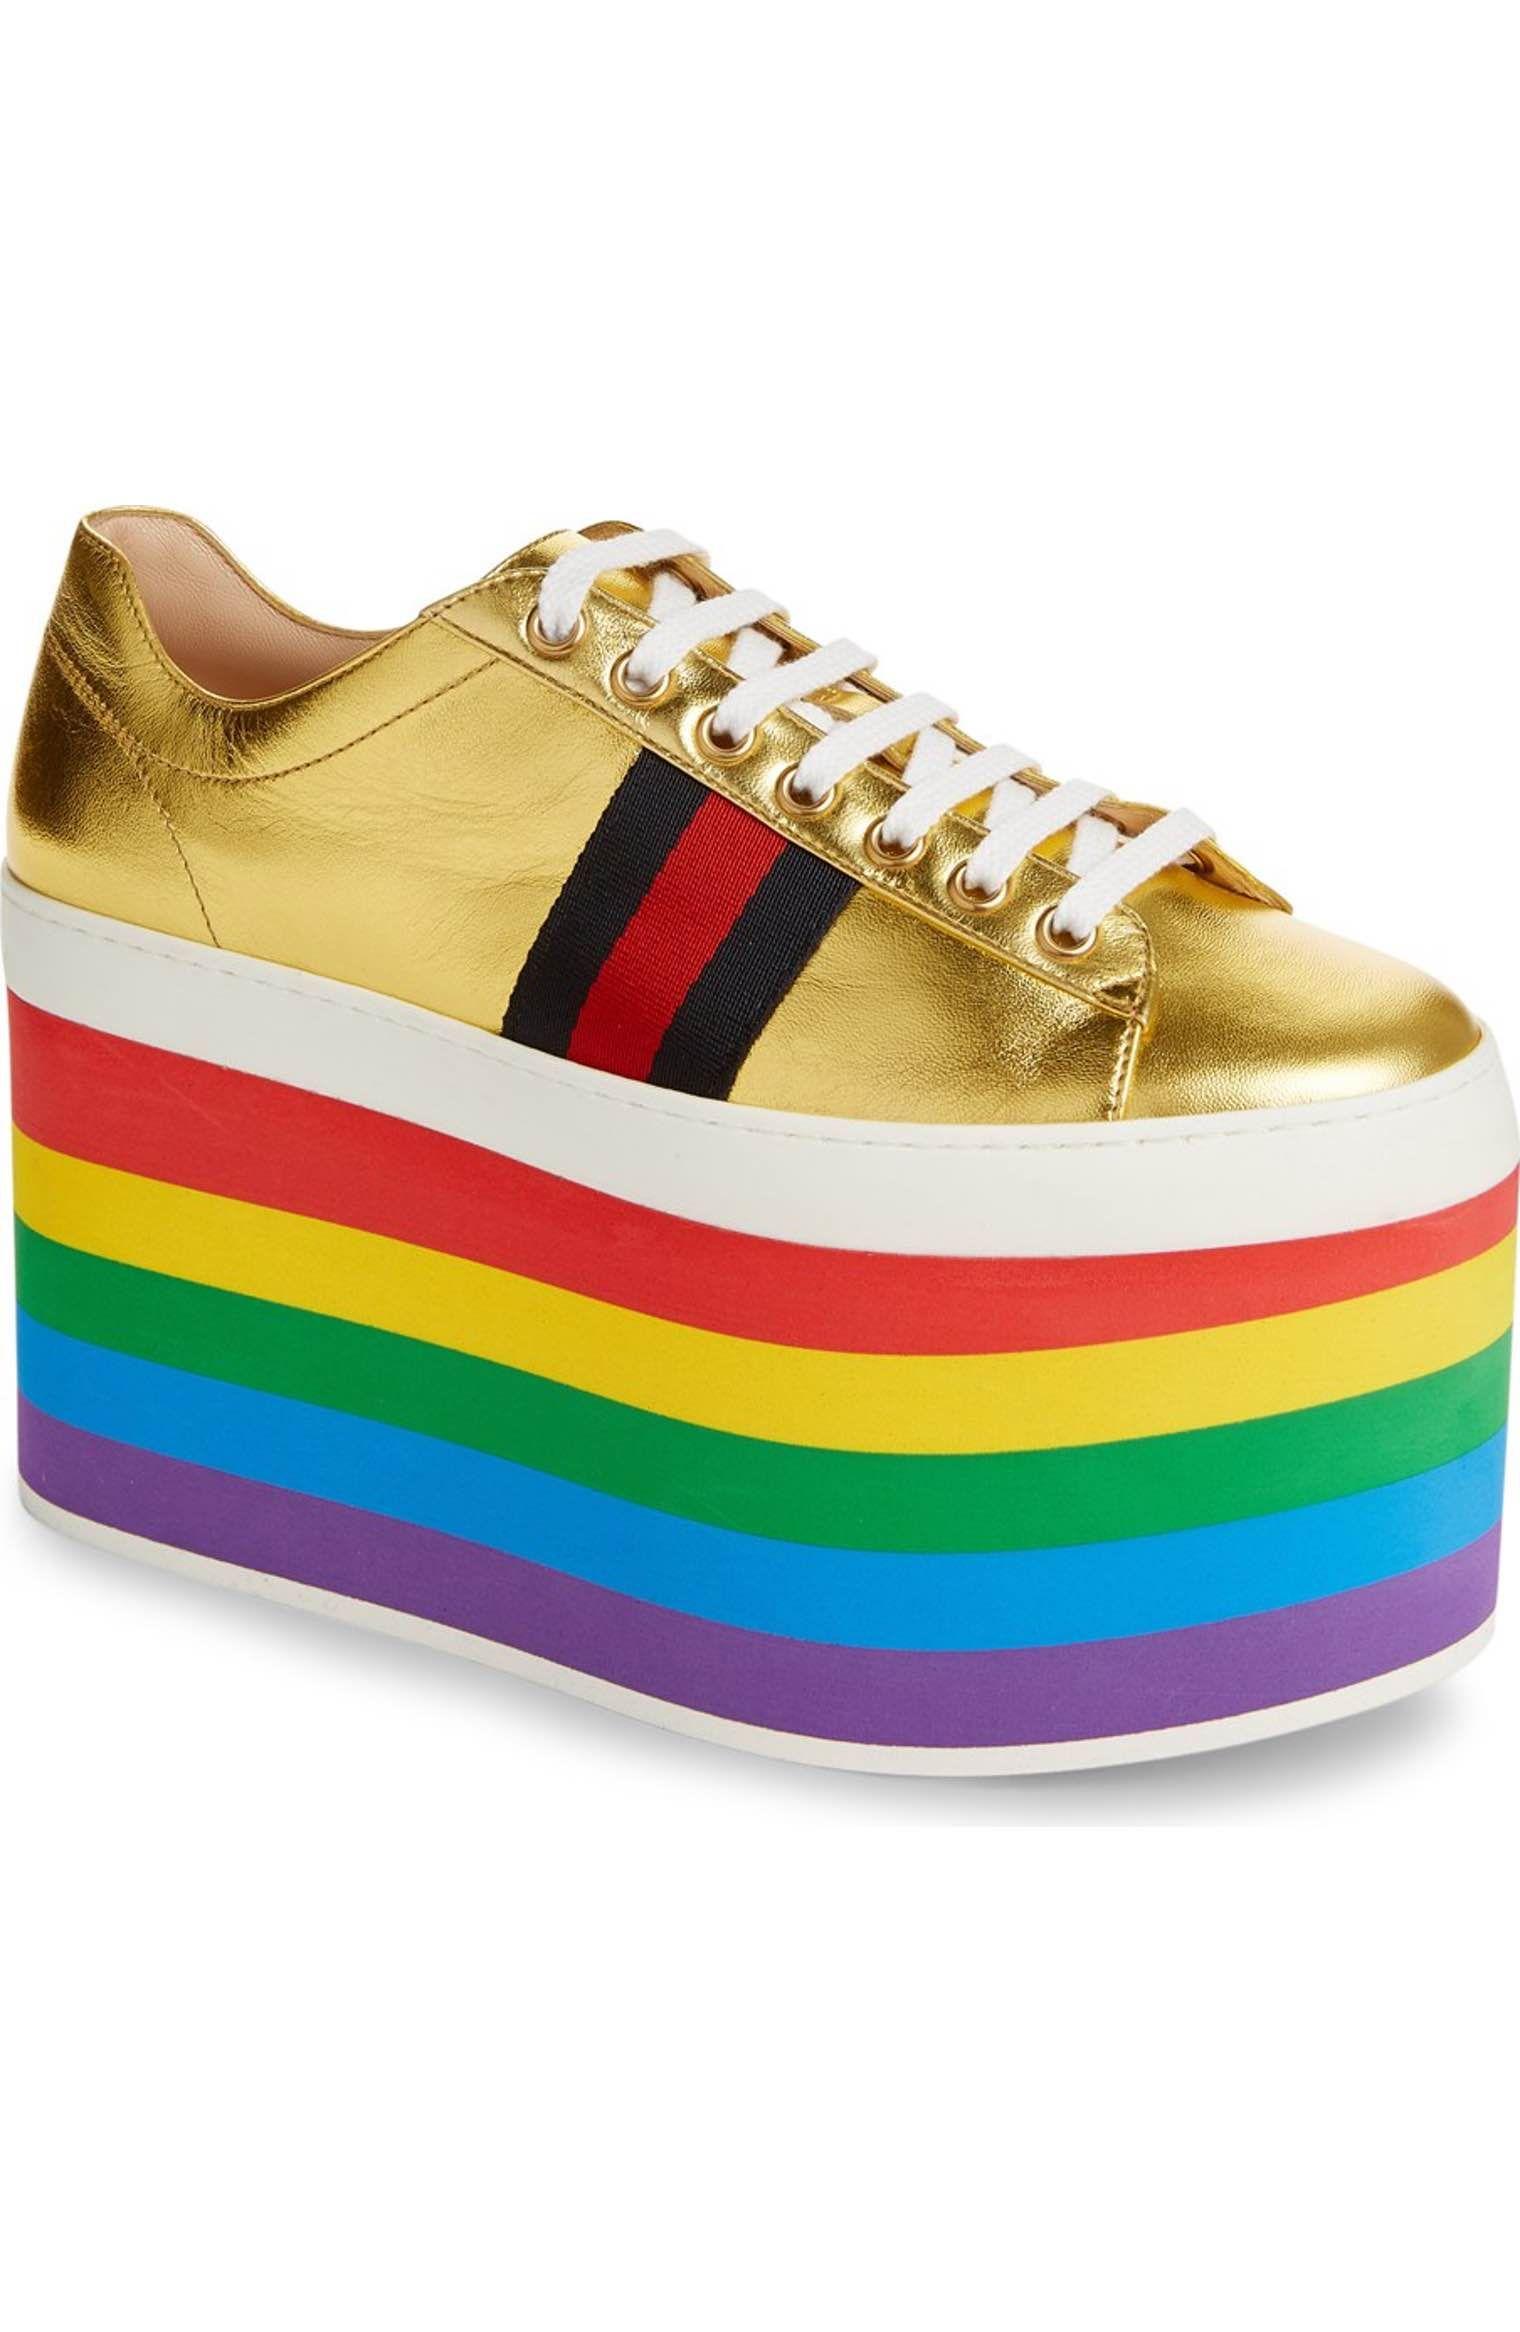 df2854c2af9 Main Image - Gucci Peggy Platform Sneaker (Women)